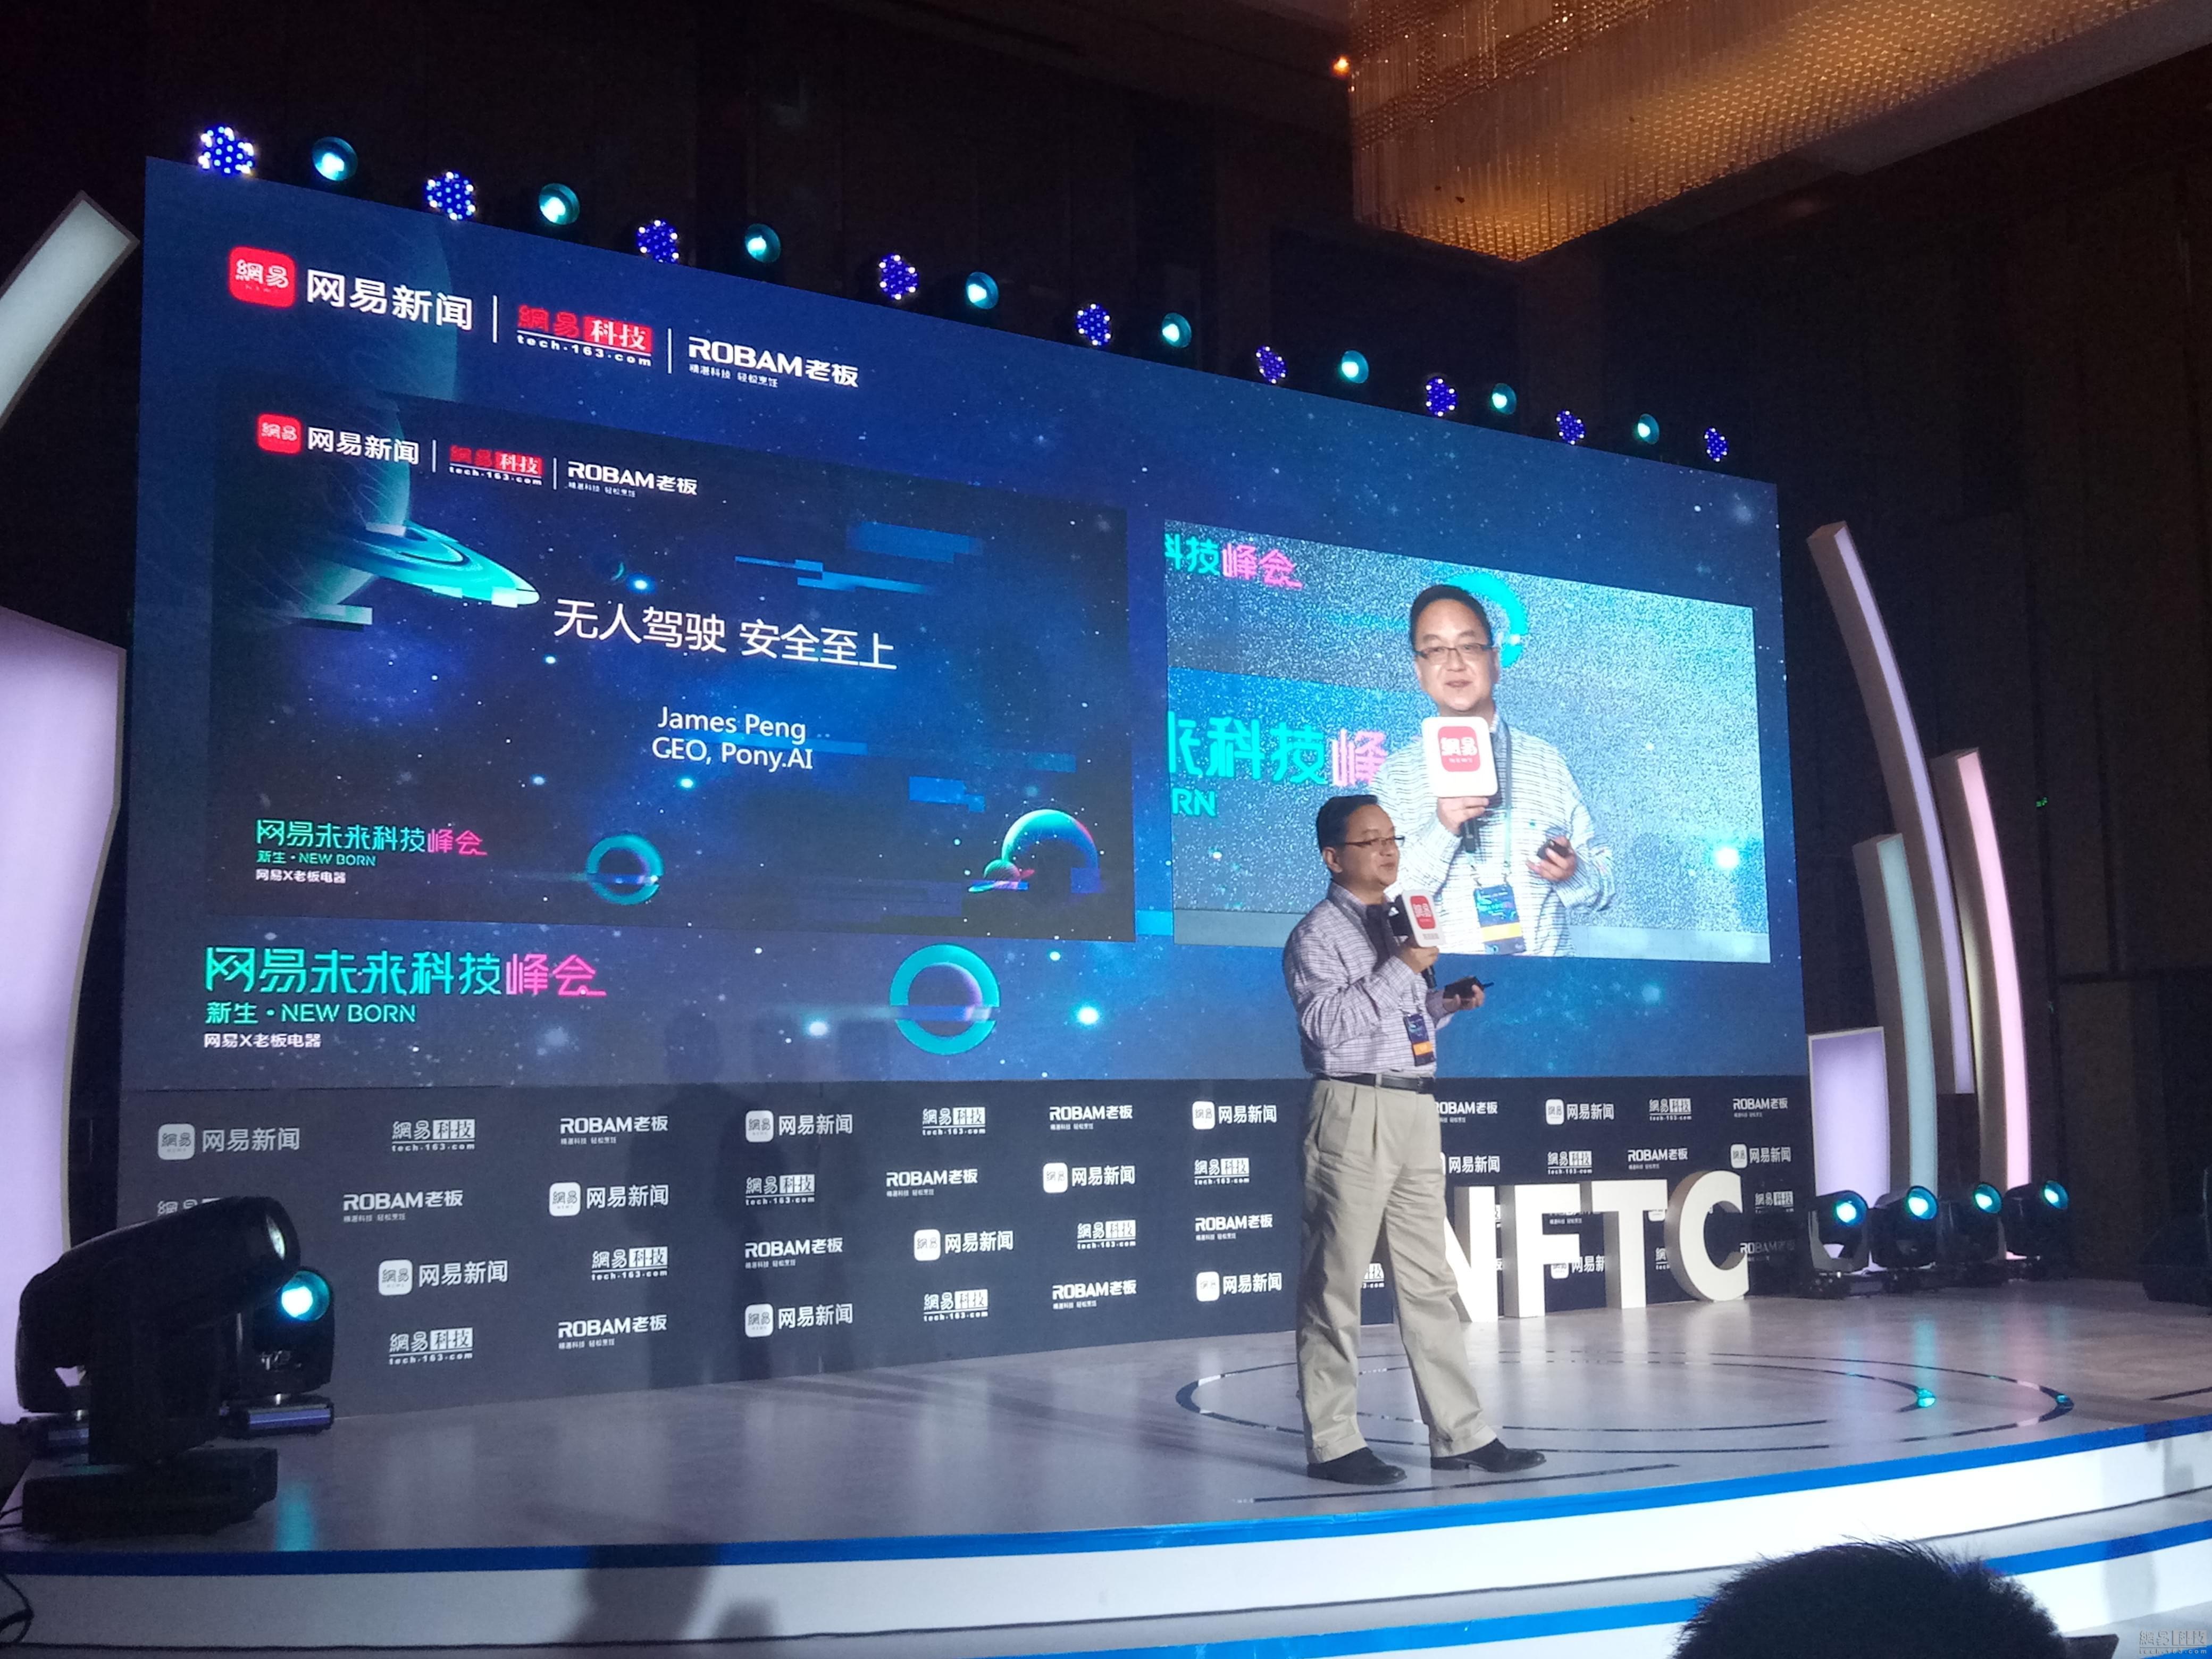 彭军:全无人驾驶是所有人工智能项目之母